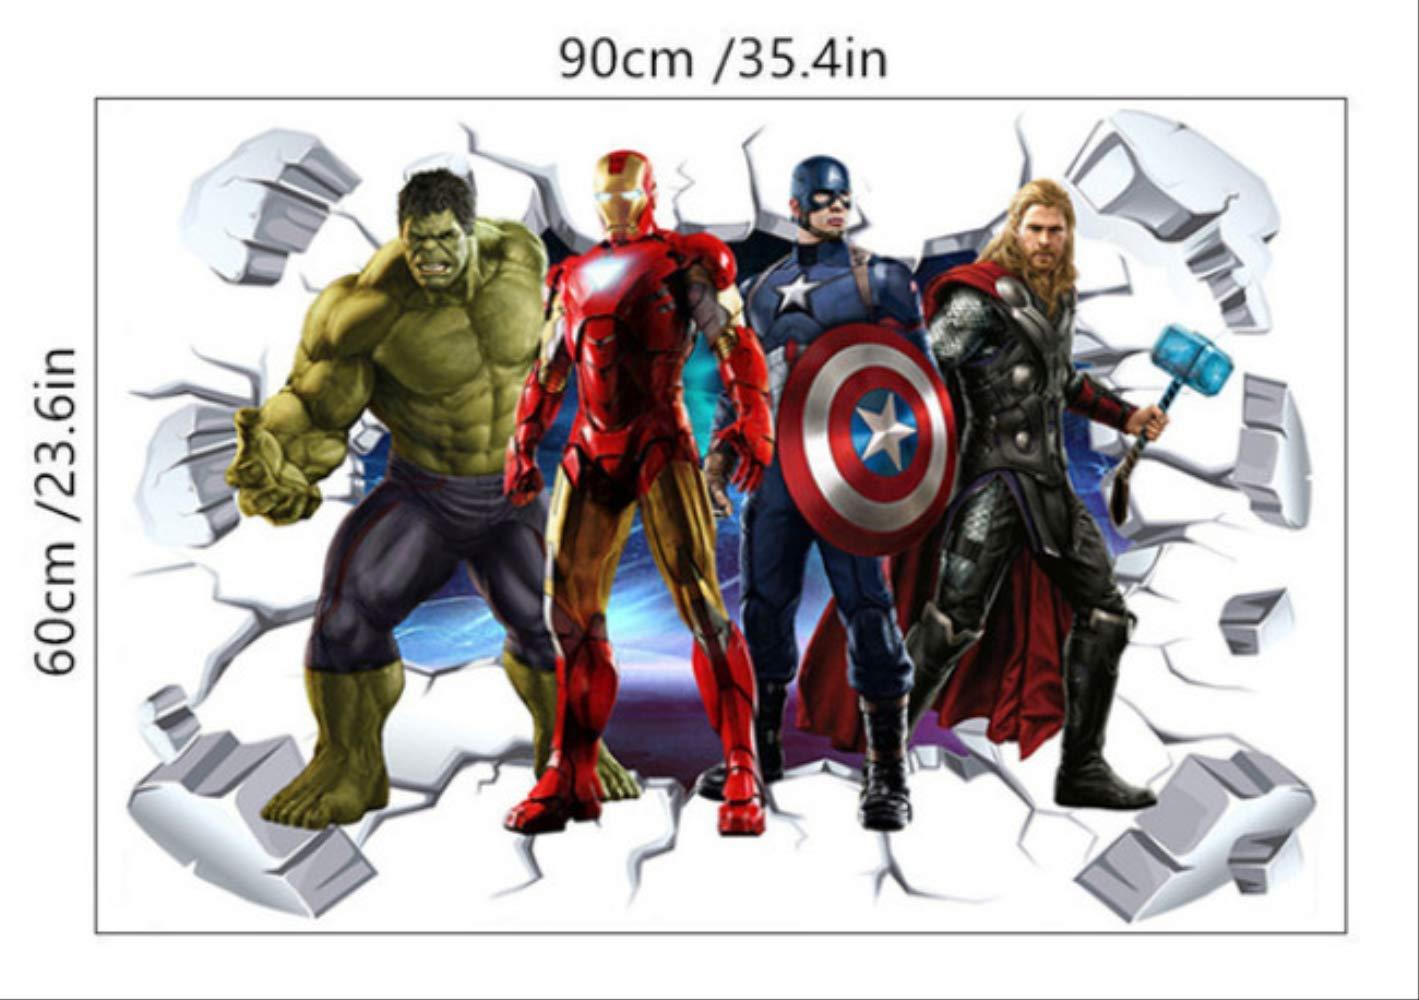 IRON MAN 3D Window View Decal WALL STICKER Home Decor Art Avengers Wallpaper